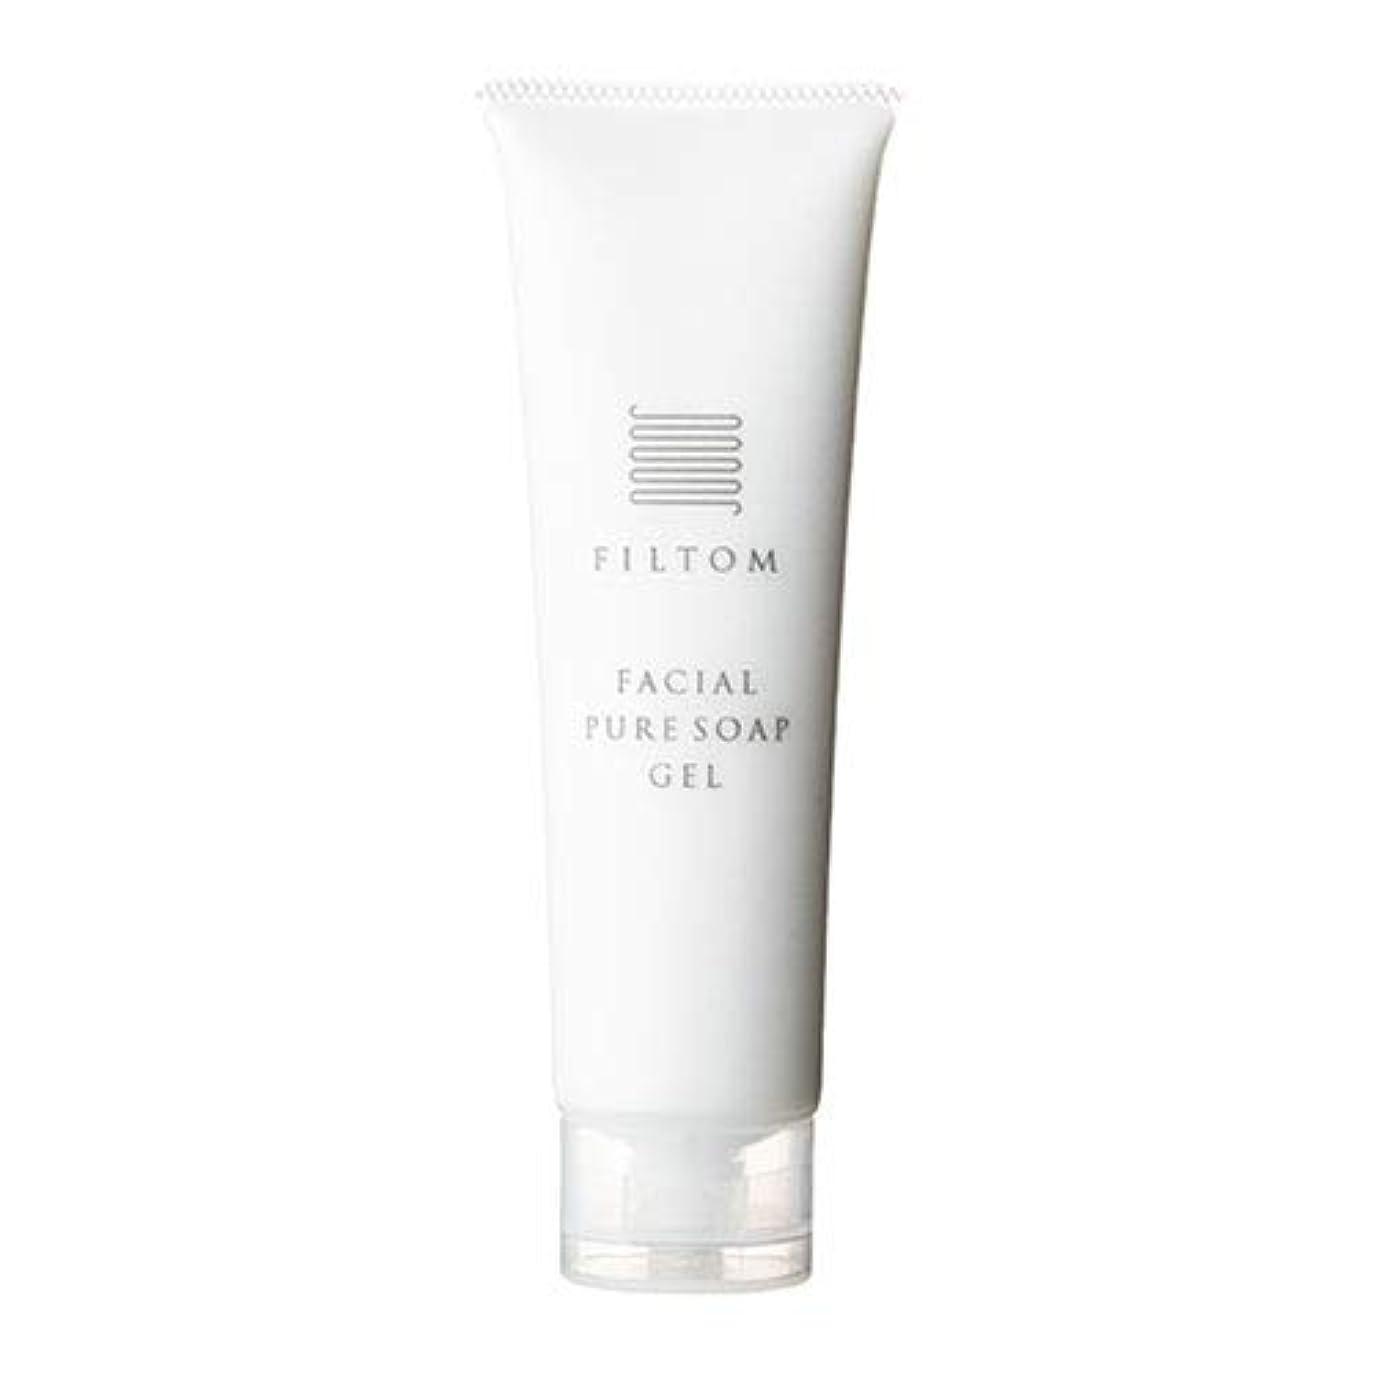 維持ホイストなかなかフィルトム純石鹸ベース洗顔フォーム S6A 100mL